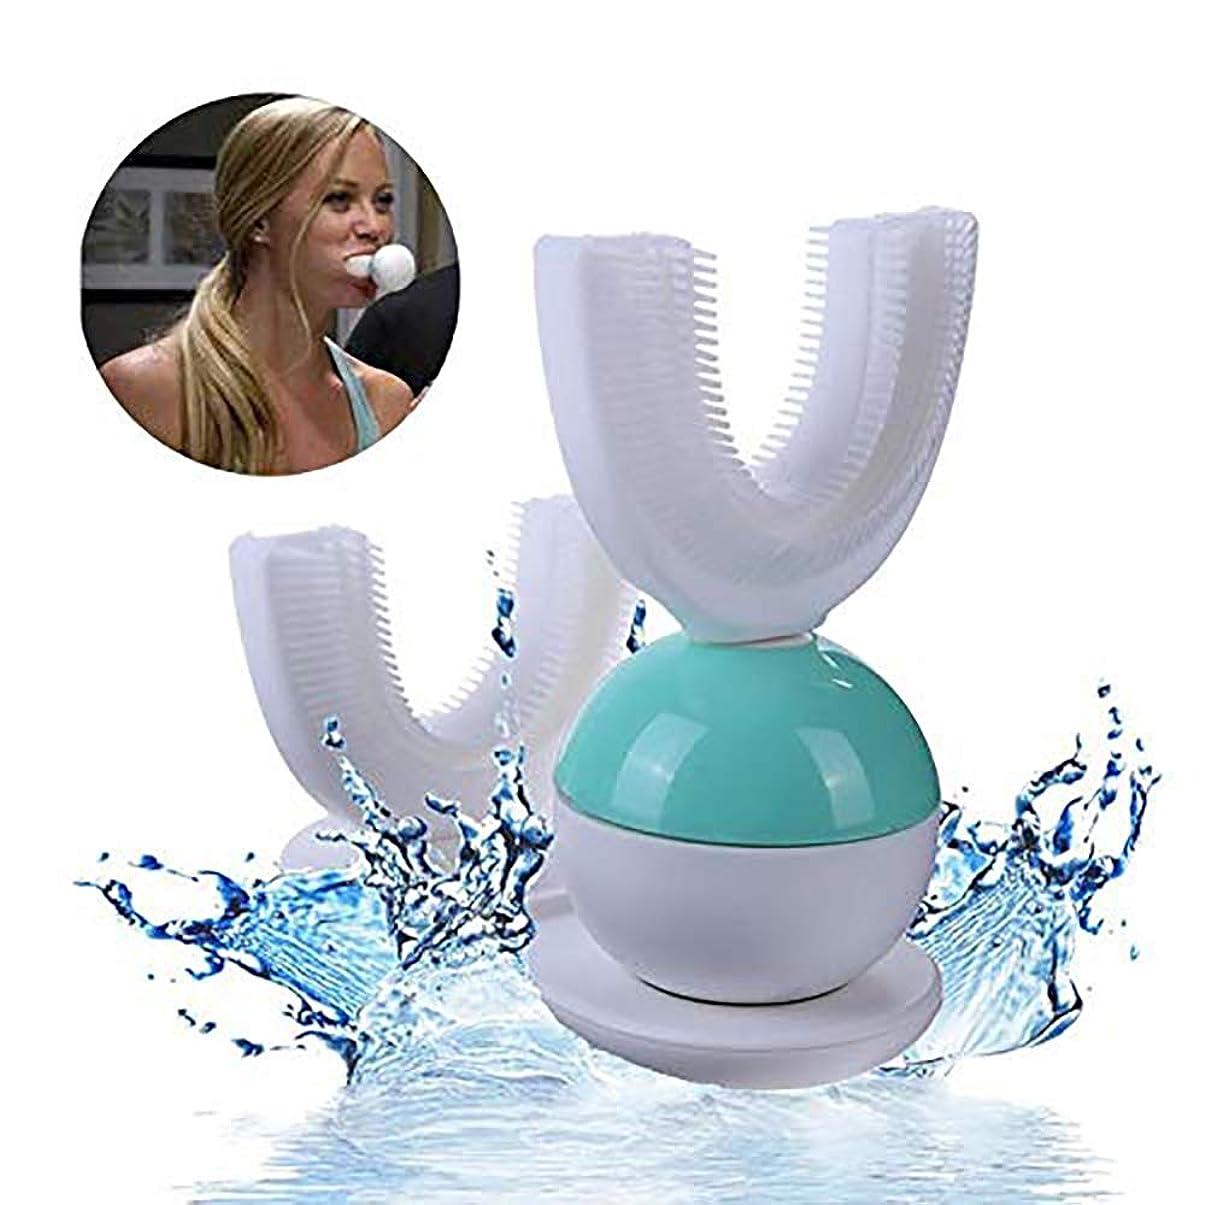 惨めなメタン下位360°全自動 U 型口クリーン超音波電動歯ブラシ、ホワイトニング360電動ブラッシング超音波歯ブラシ怠惰な人々のために設計